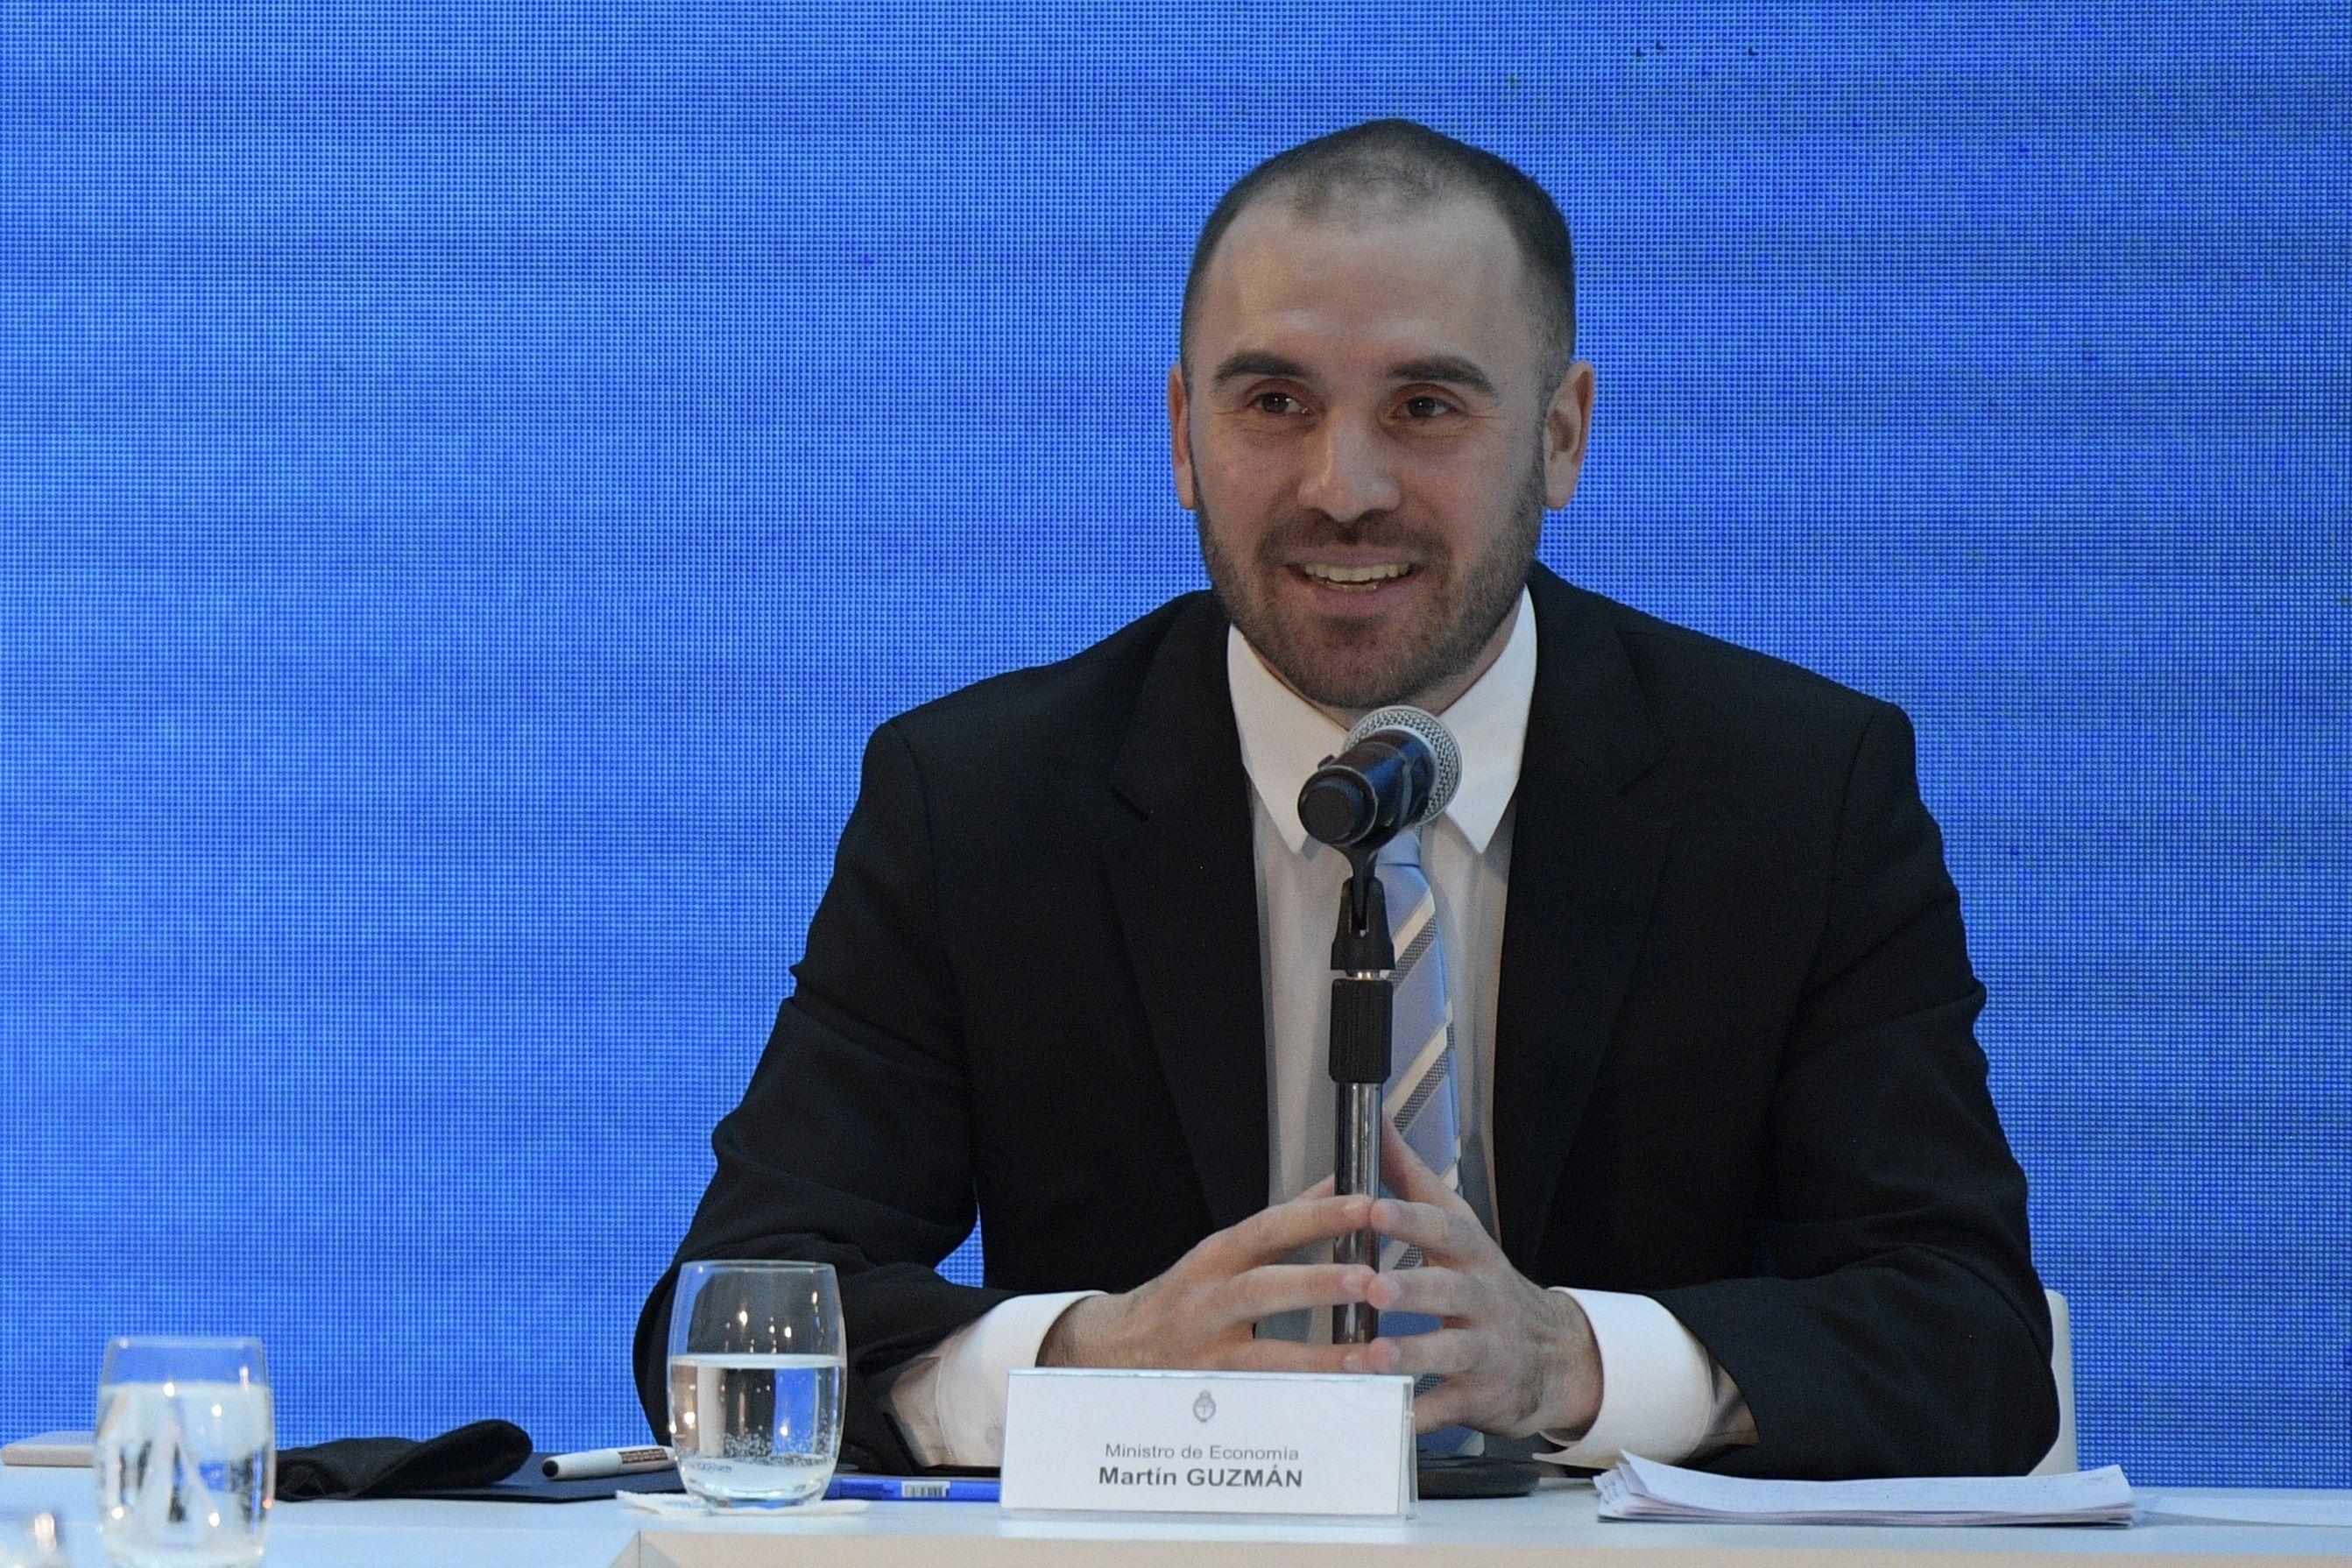 El ministro de Economía de Argentina, Martín Guzmán, pronuncia un discurso durante una ceremonia en la casa de gobierno de la Casa Rosada en Buenos Aires (Argentina)EFE/ Juan Mabromata/Pool